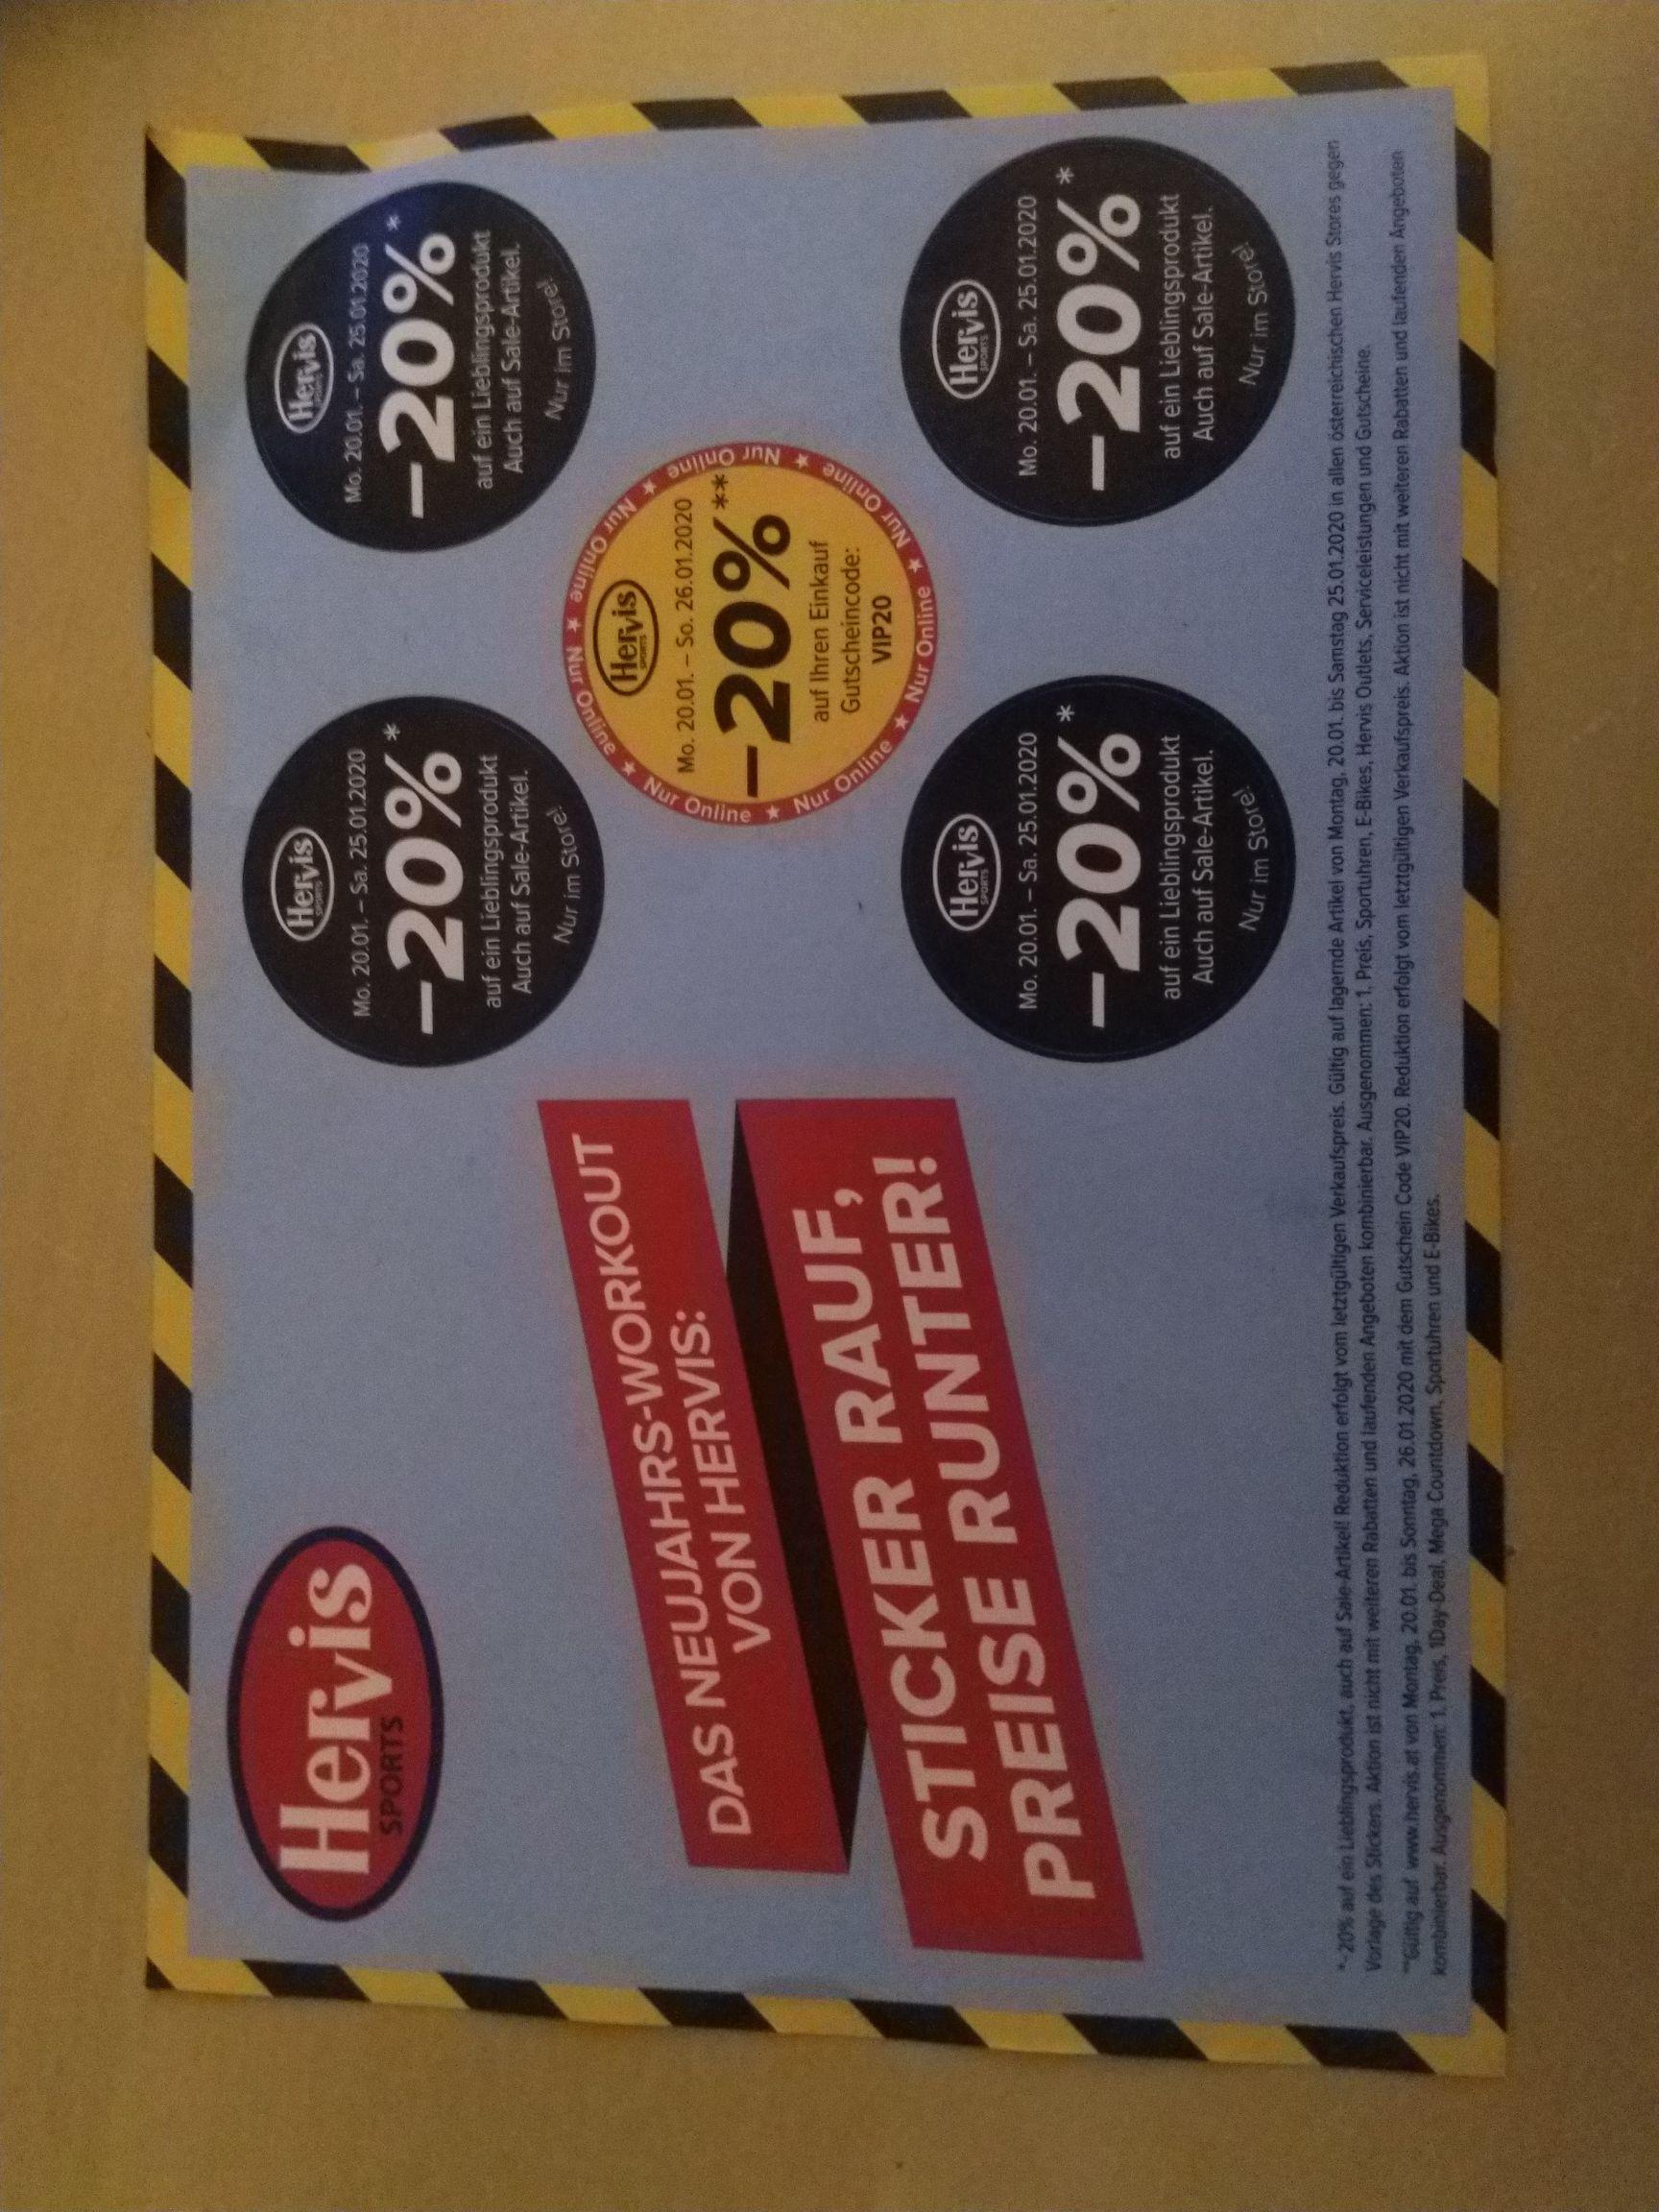 Hervis: Online -20% auf Einkauf, Store -20% auf Artikel mit Pickerl